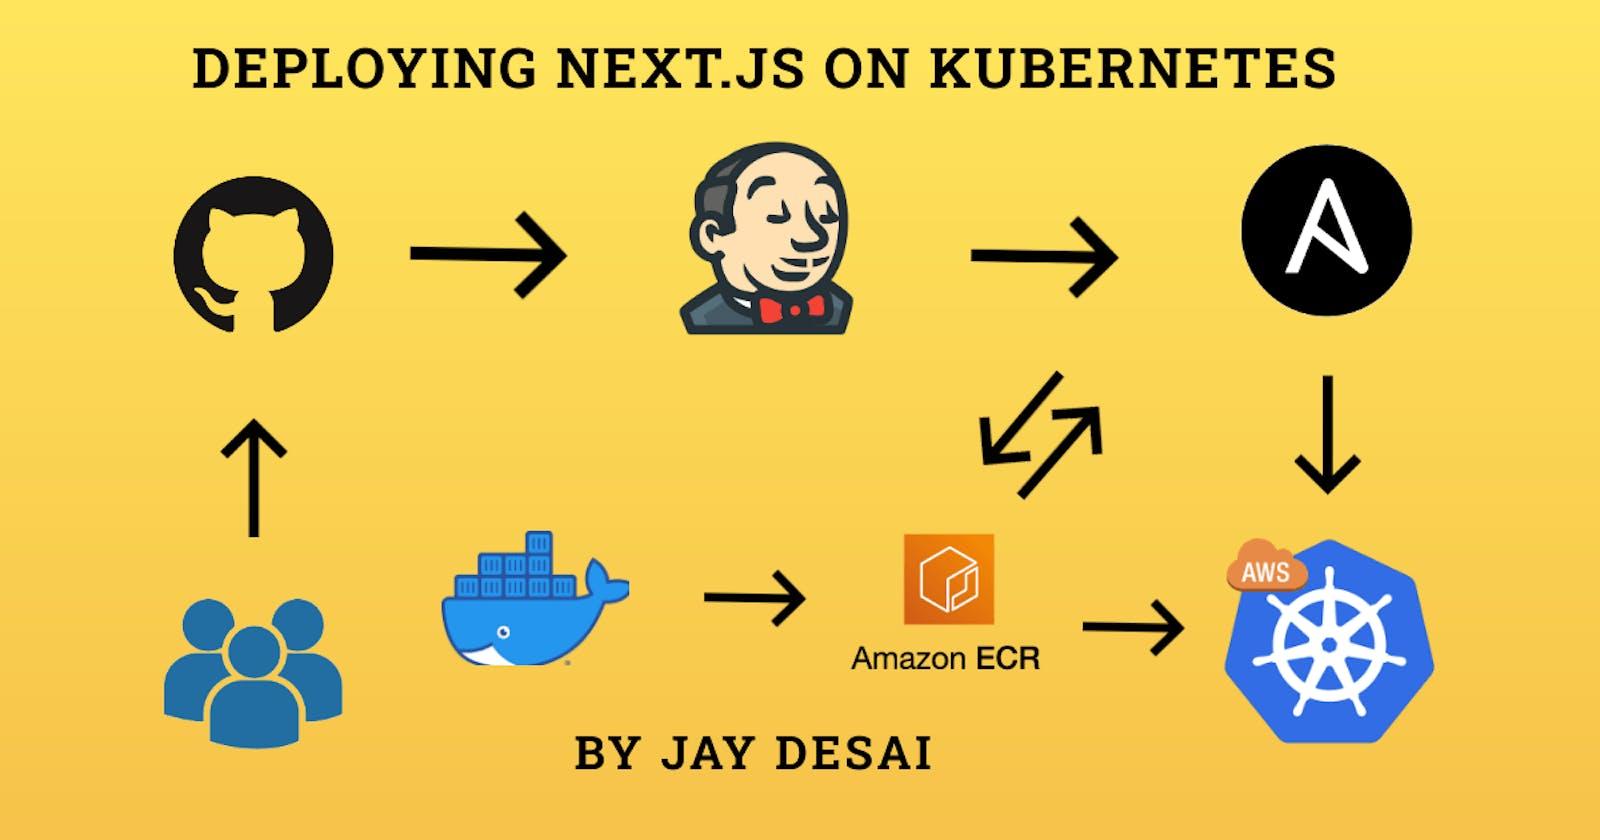 Deploying Next.js on Kubernetes